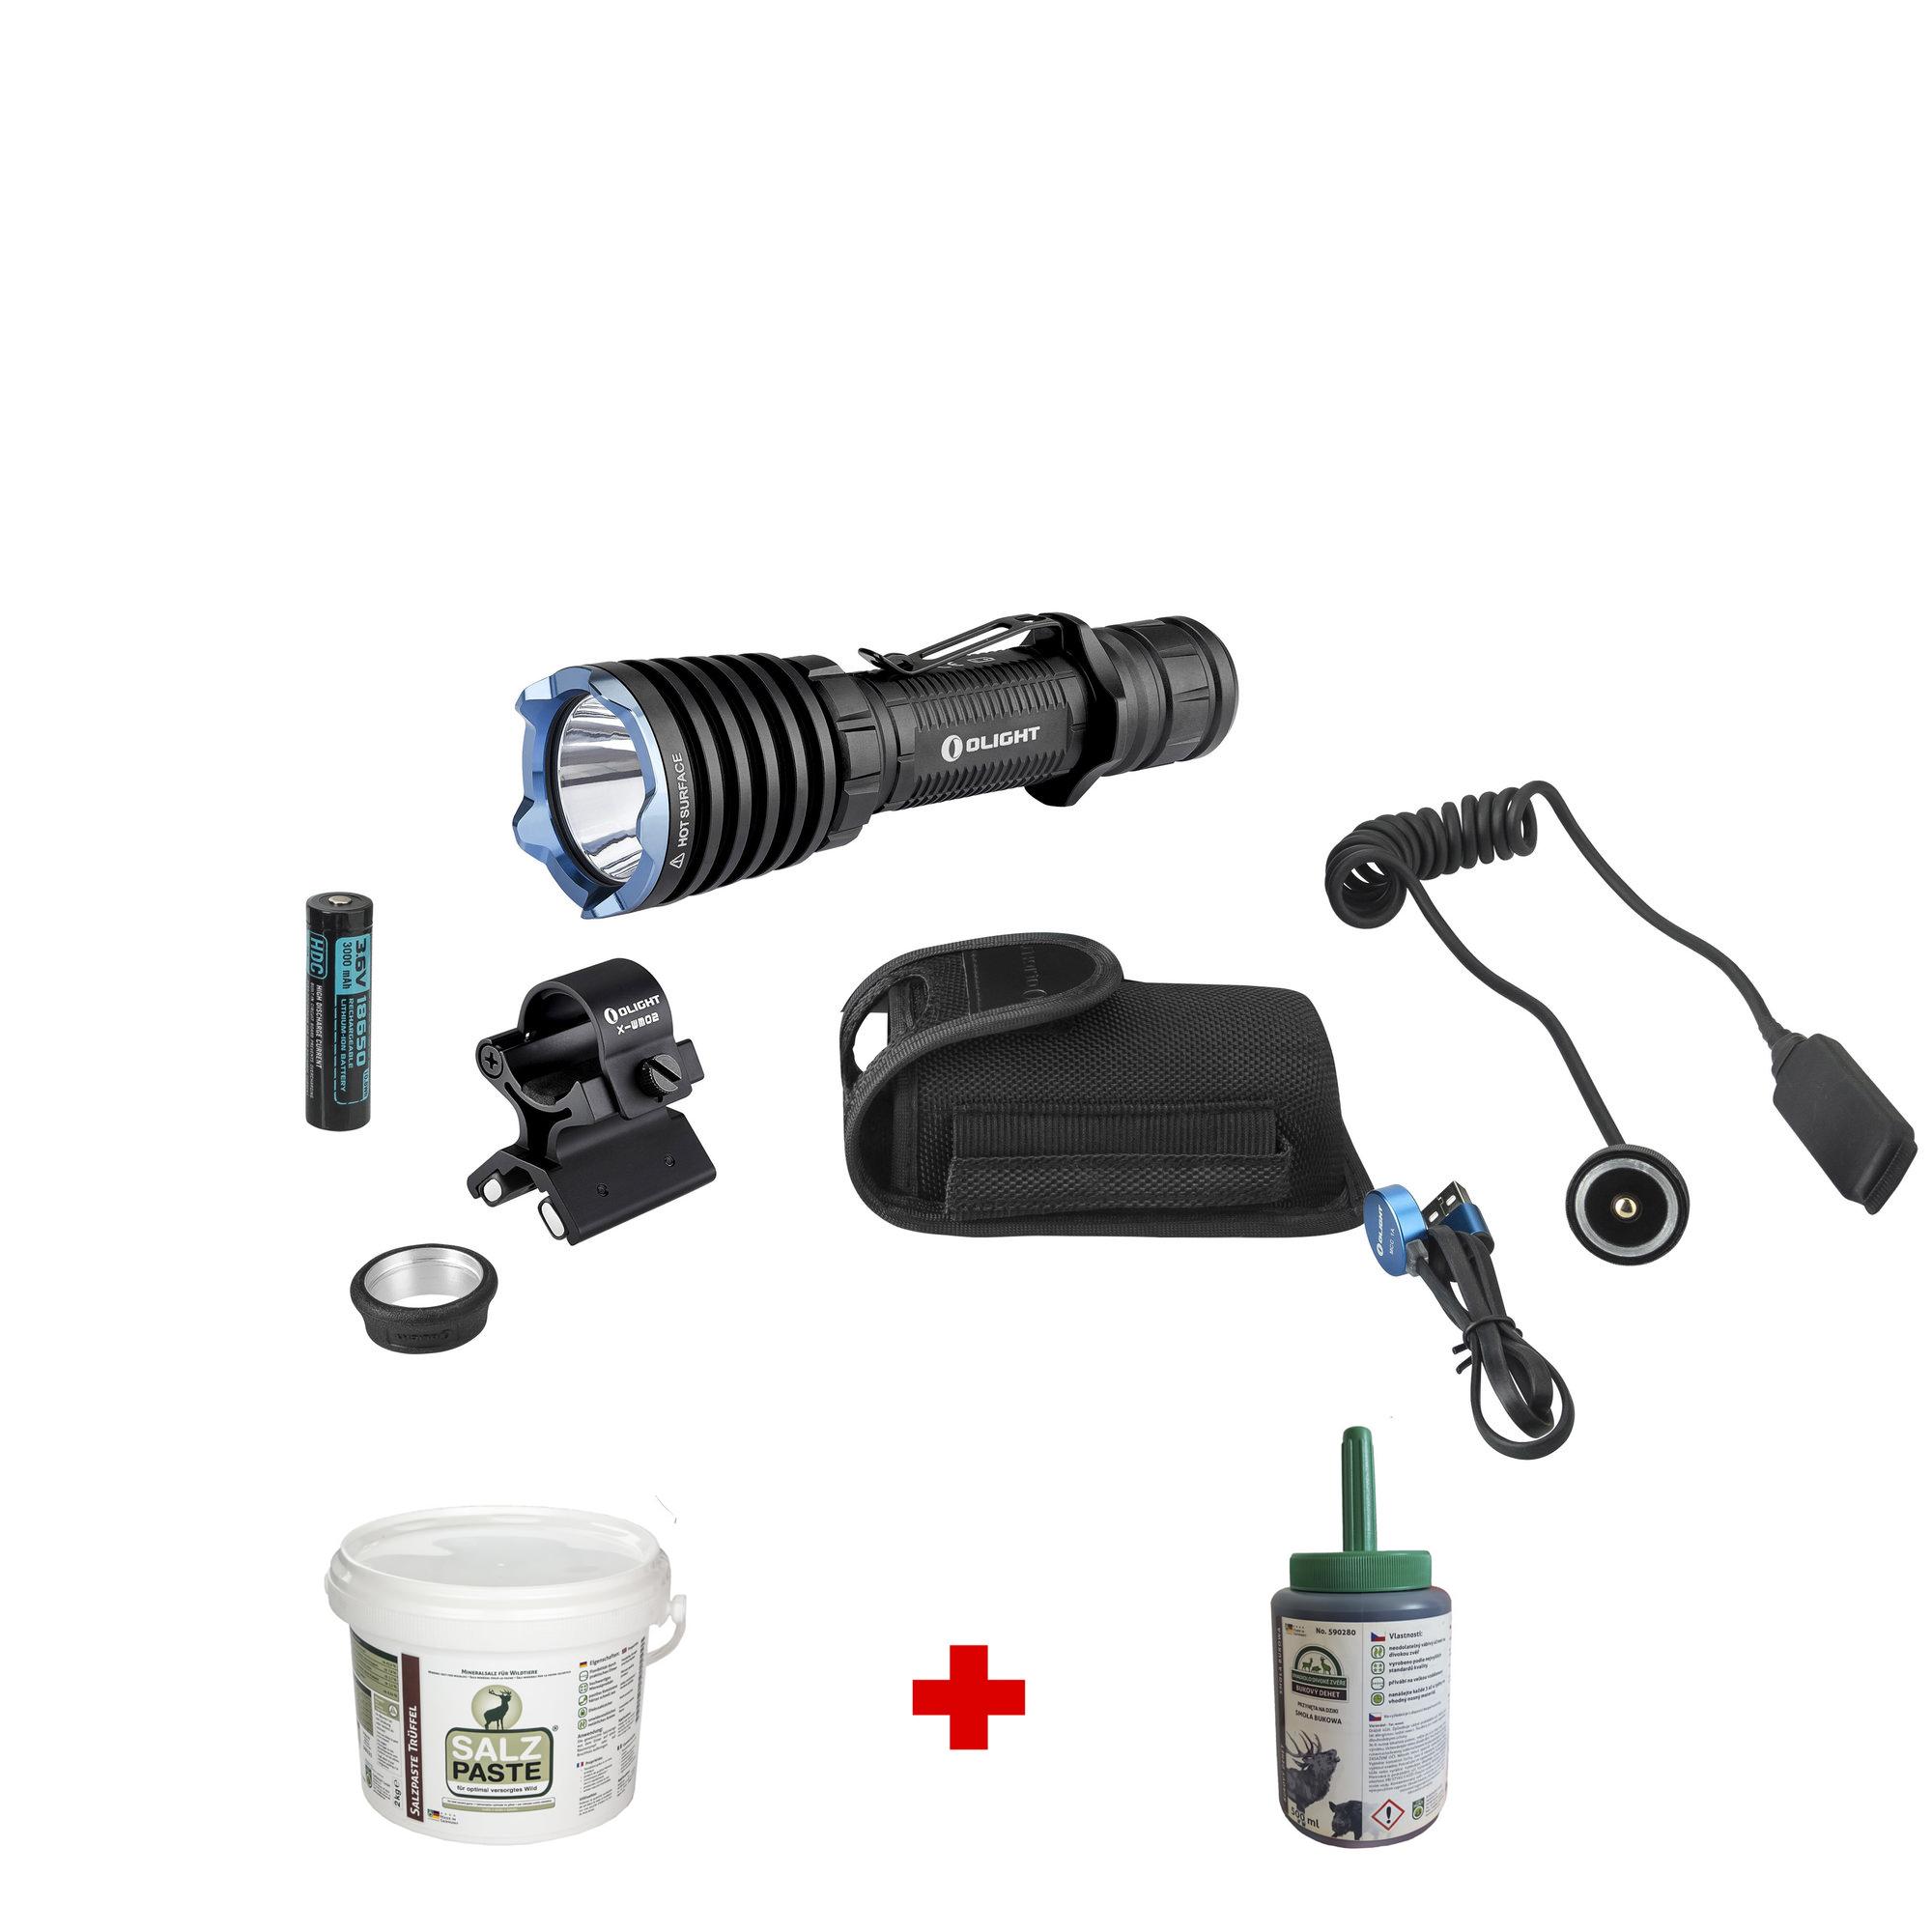 Poľovnícka LED baterka Olight Warrior X Pro KIT 2250 lm + Bukový decht + Soľná pasta ZADARMO